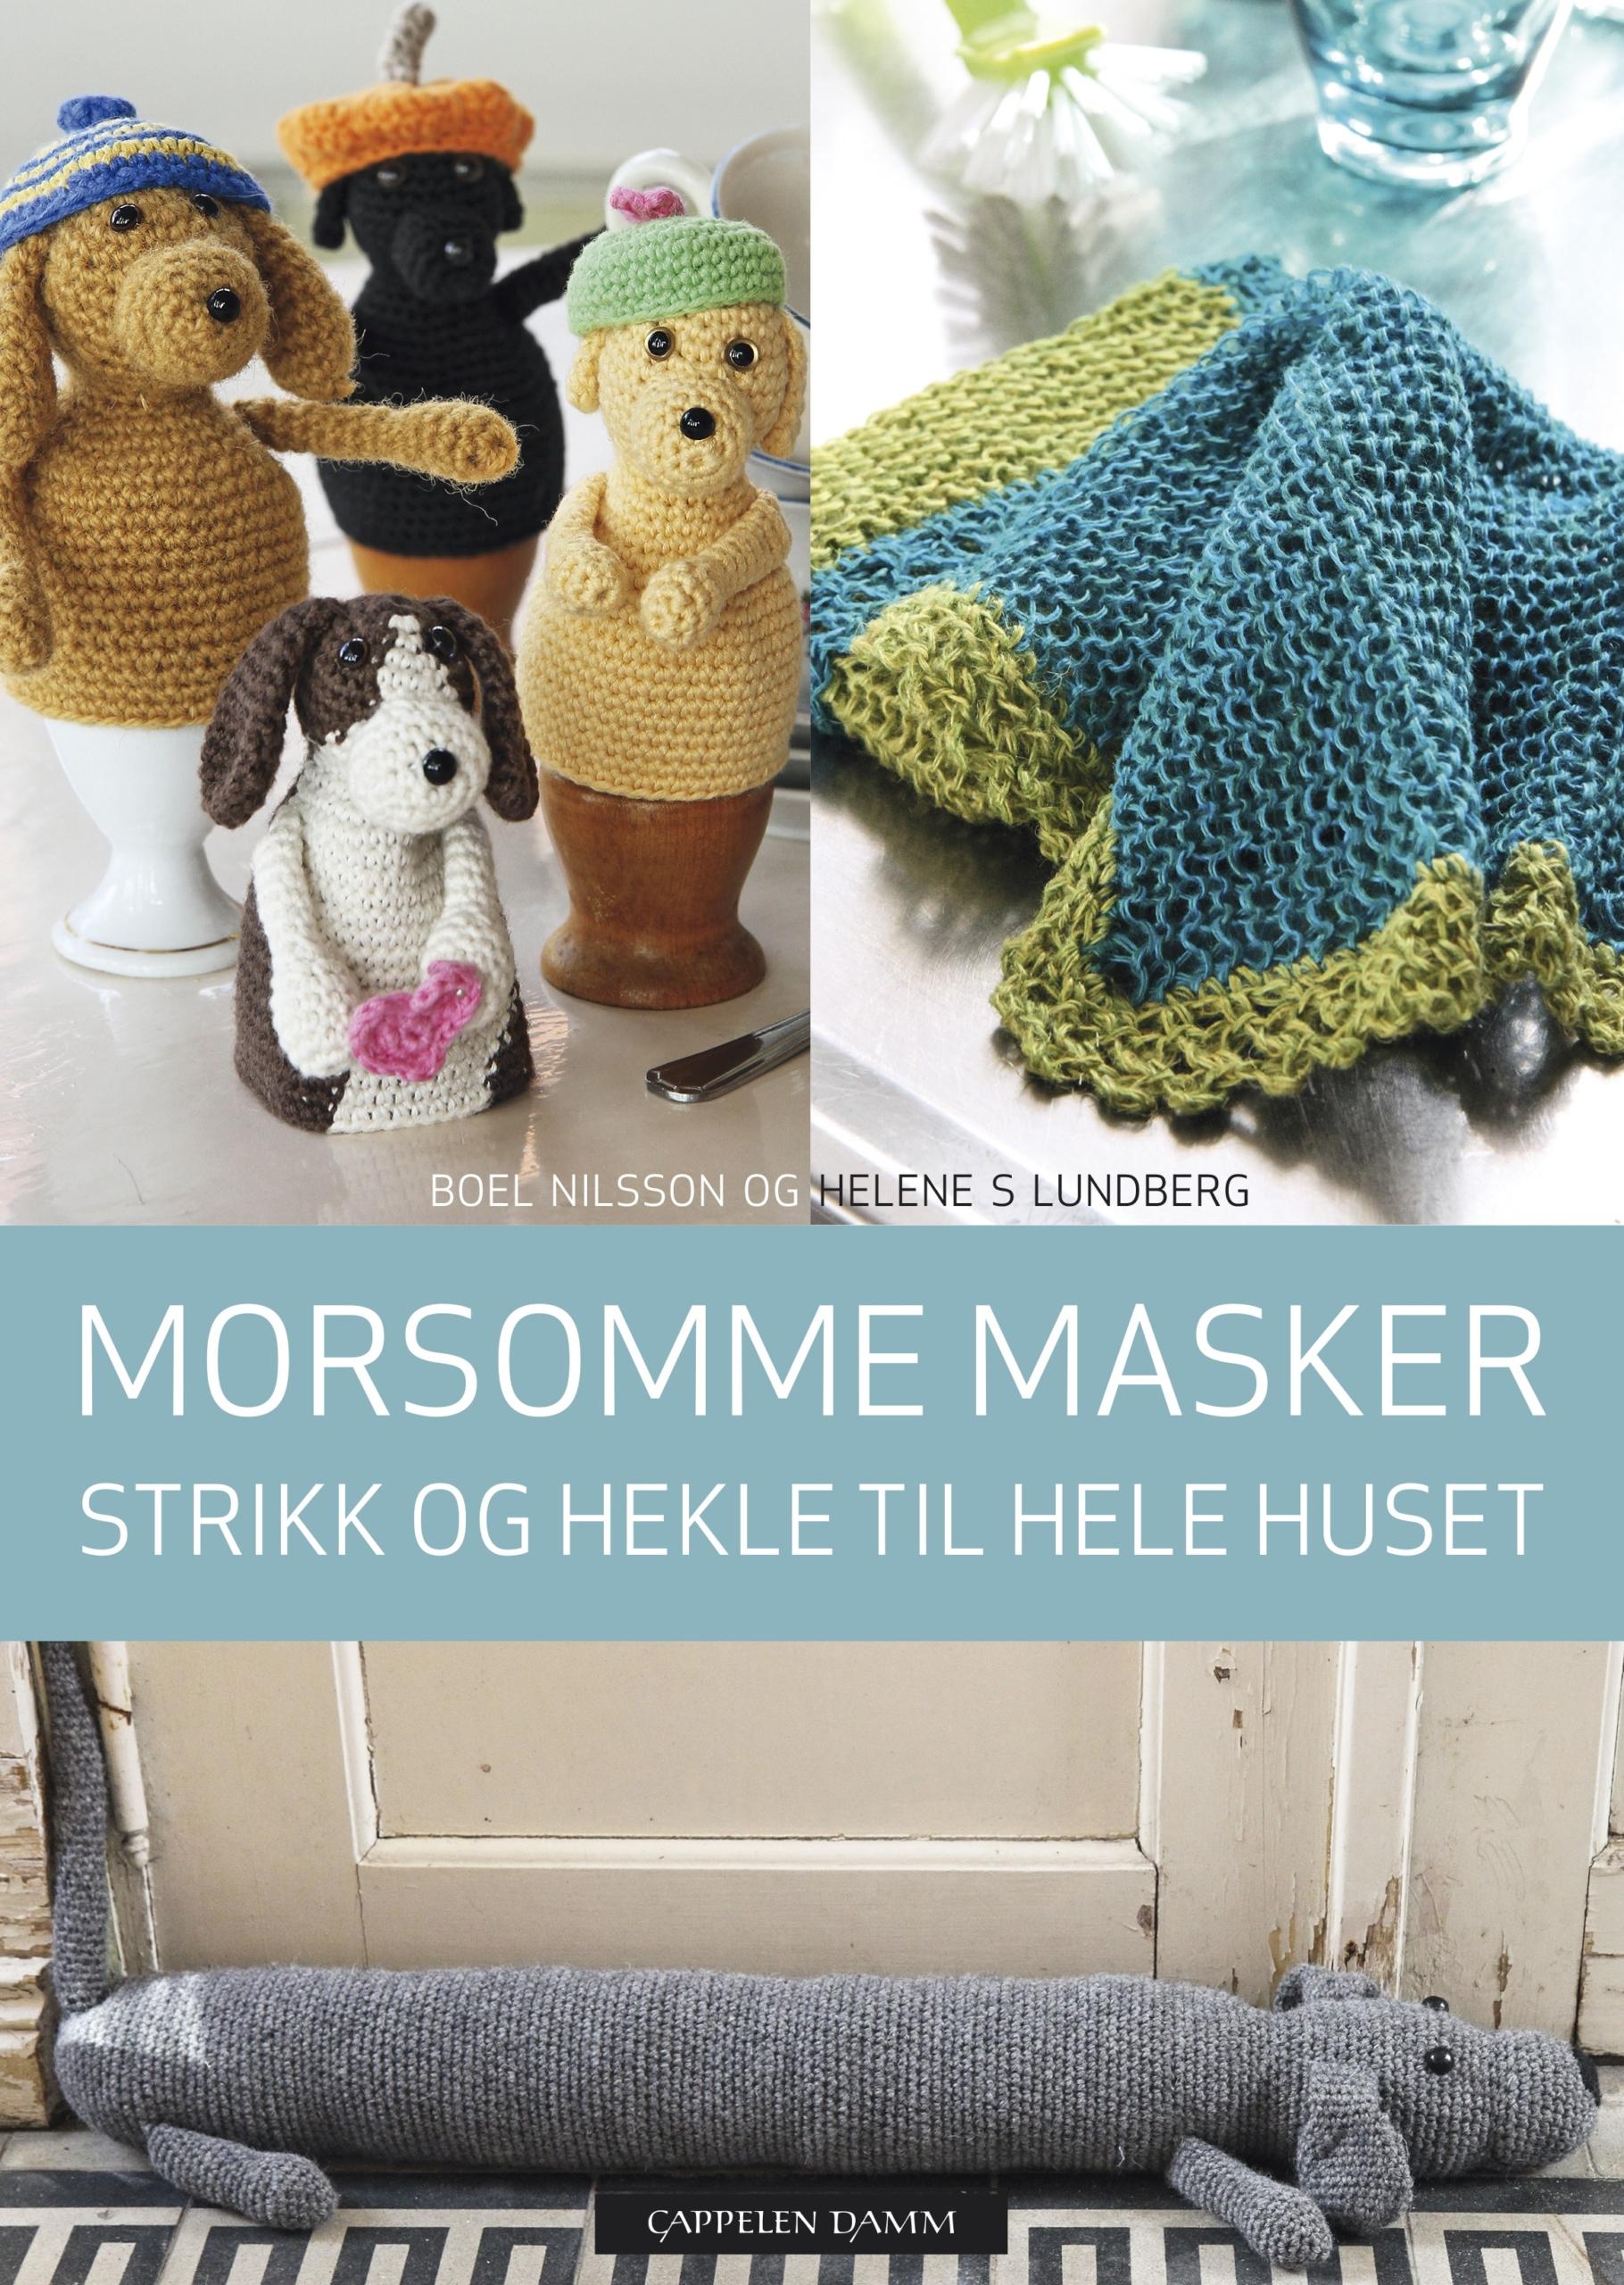 Morsomme masker - strikk og hekle til hele huset